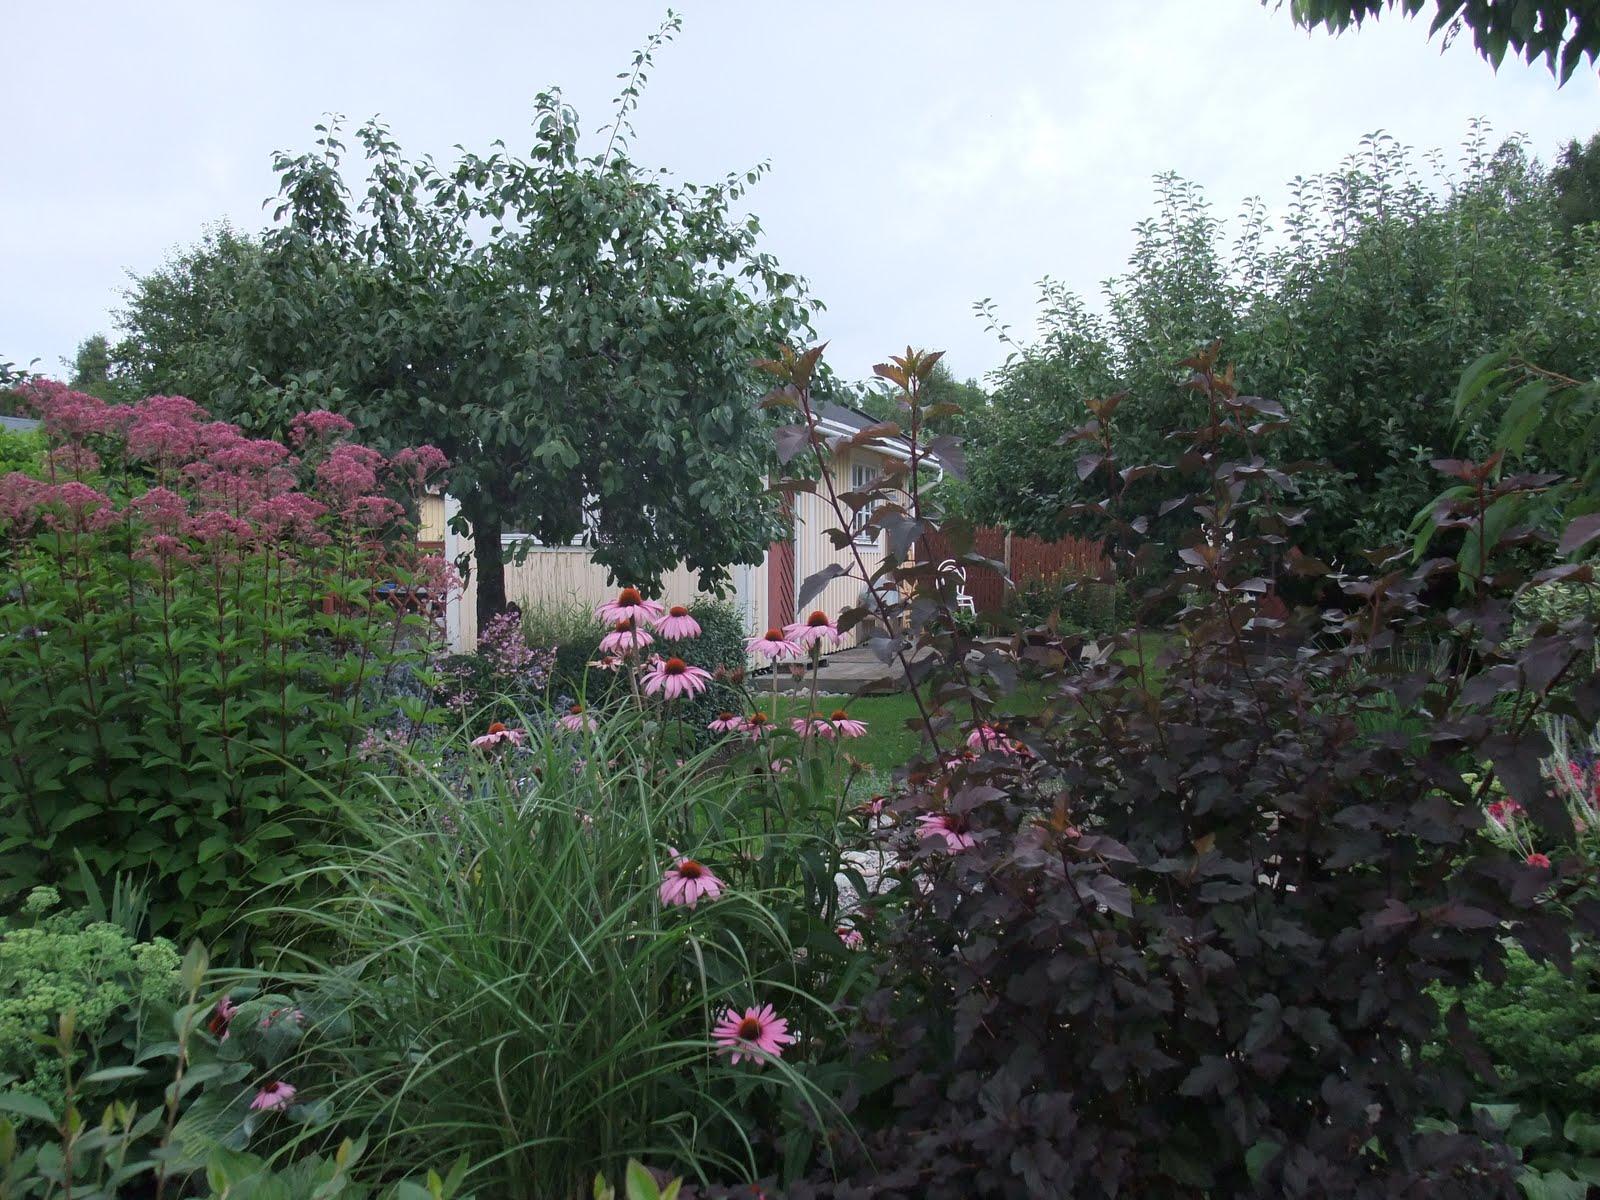 Stenhalls trädgård: augusti 2010